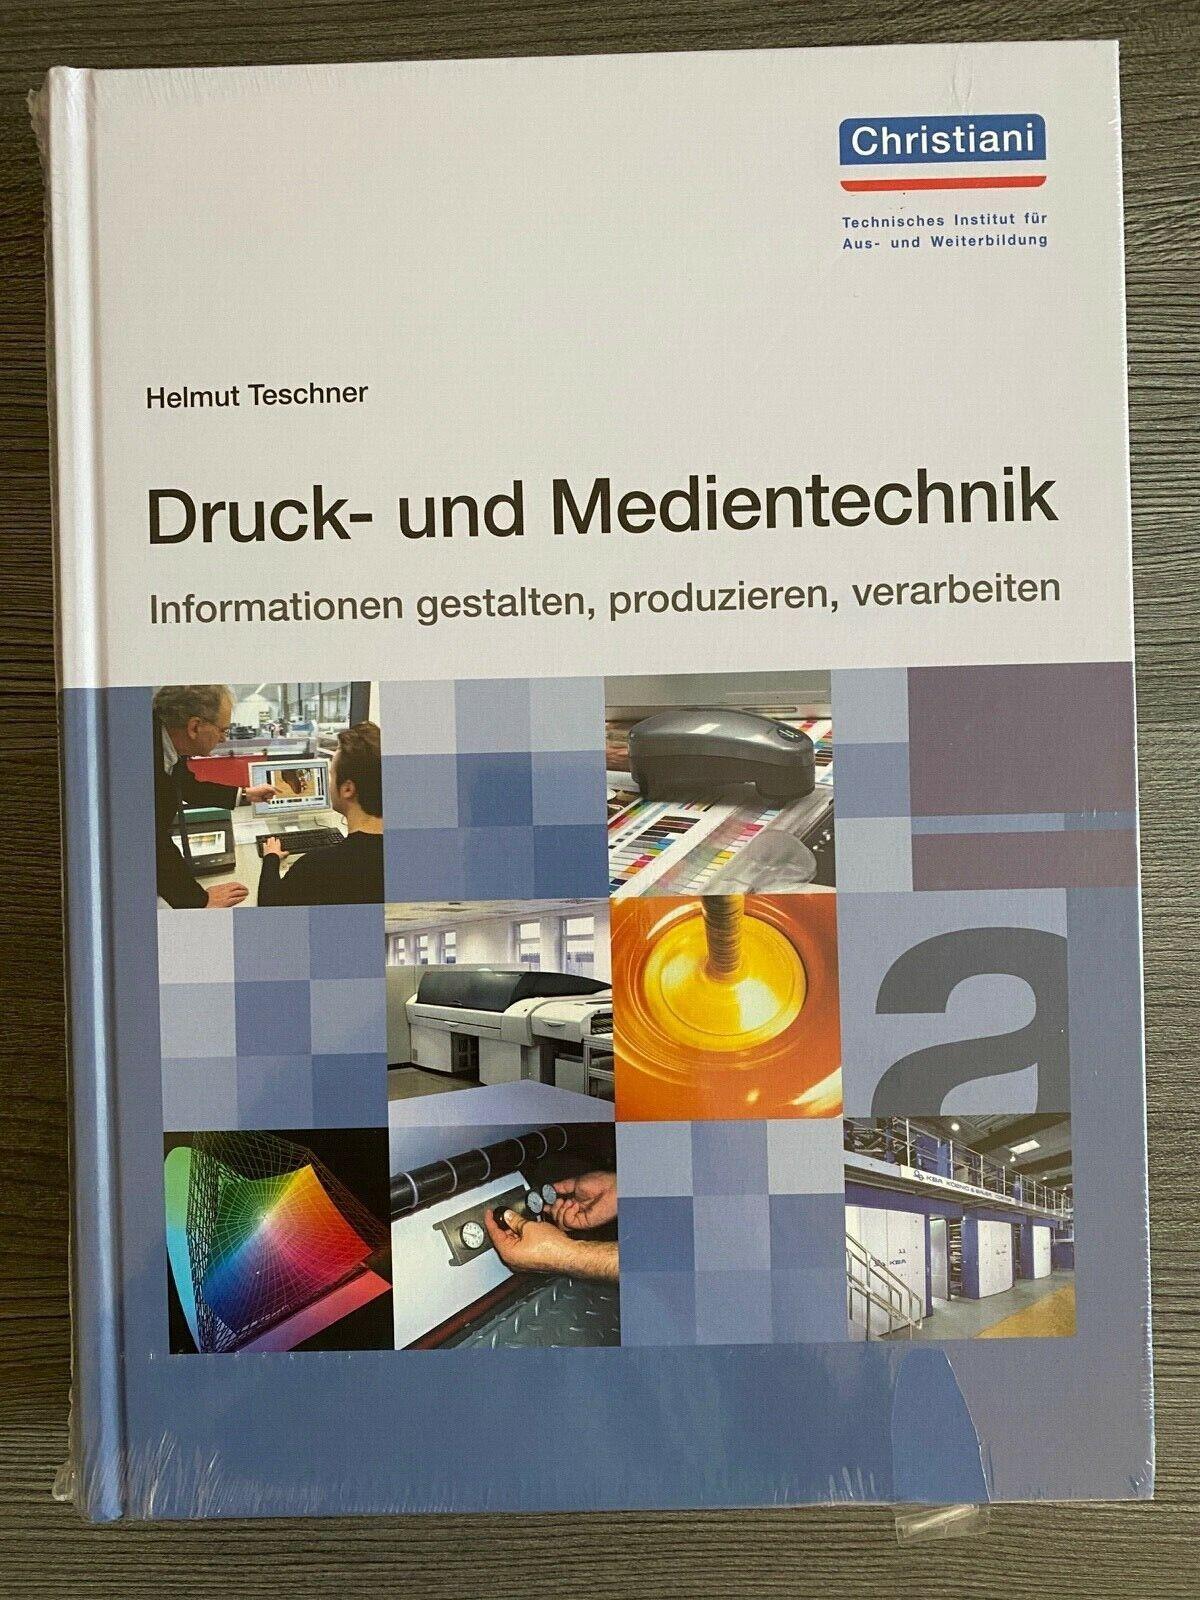 Buch:Druck- und Medientechnik: Informationen gestalten, produzieren, verarbeiten - Helmut Teschner